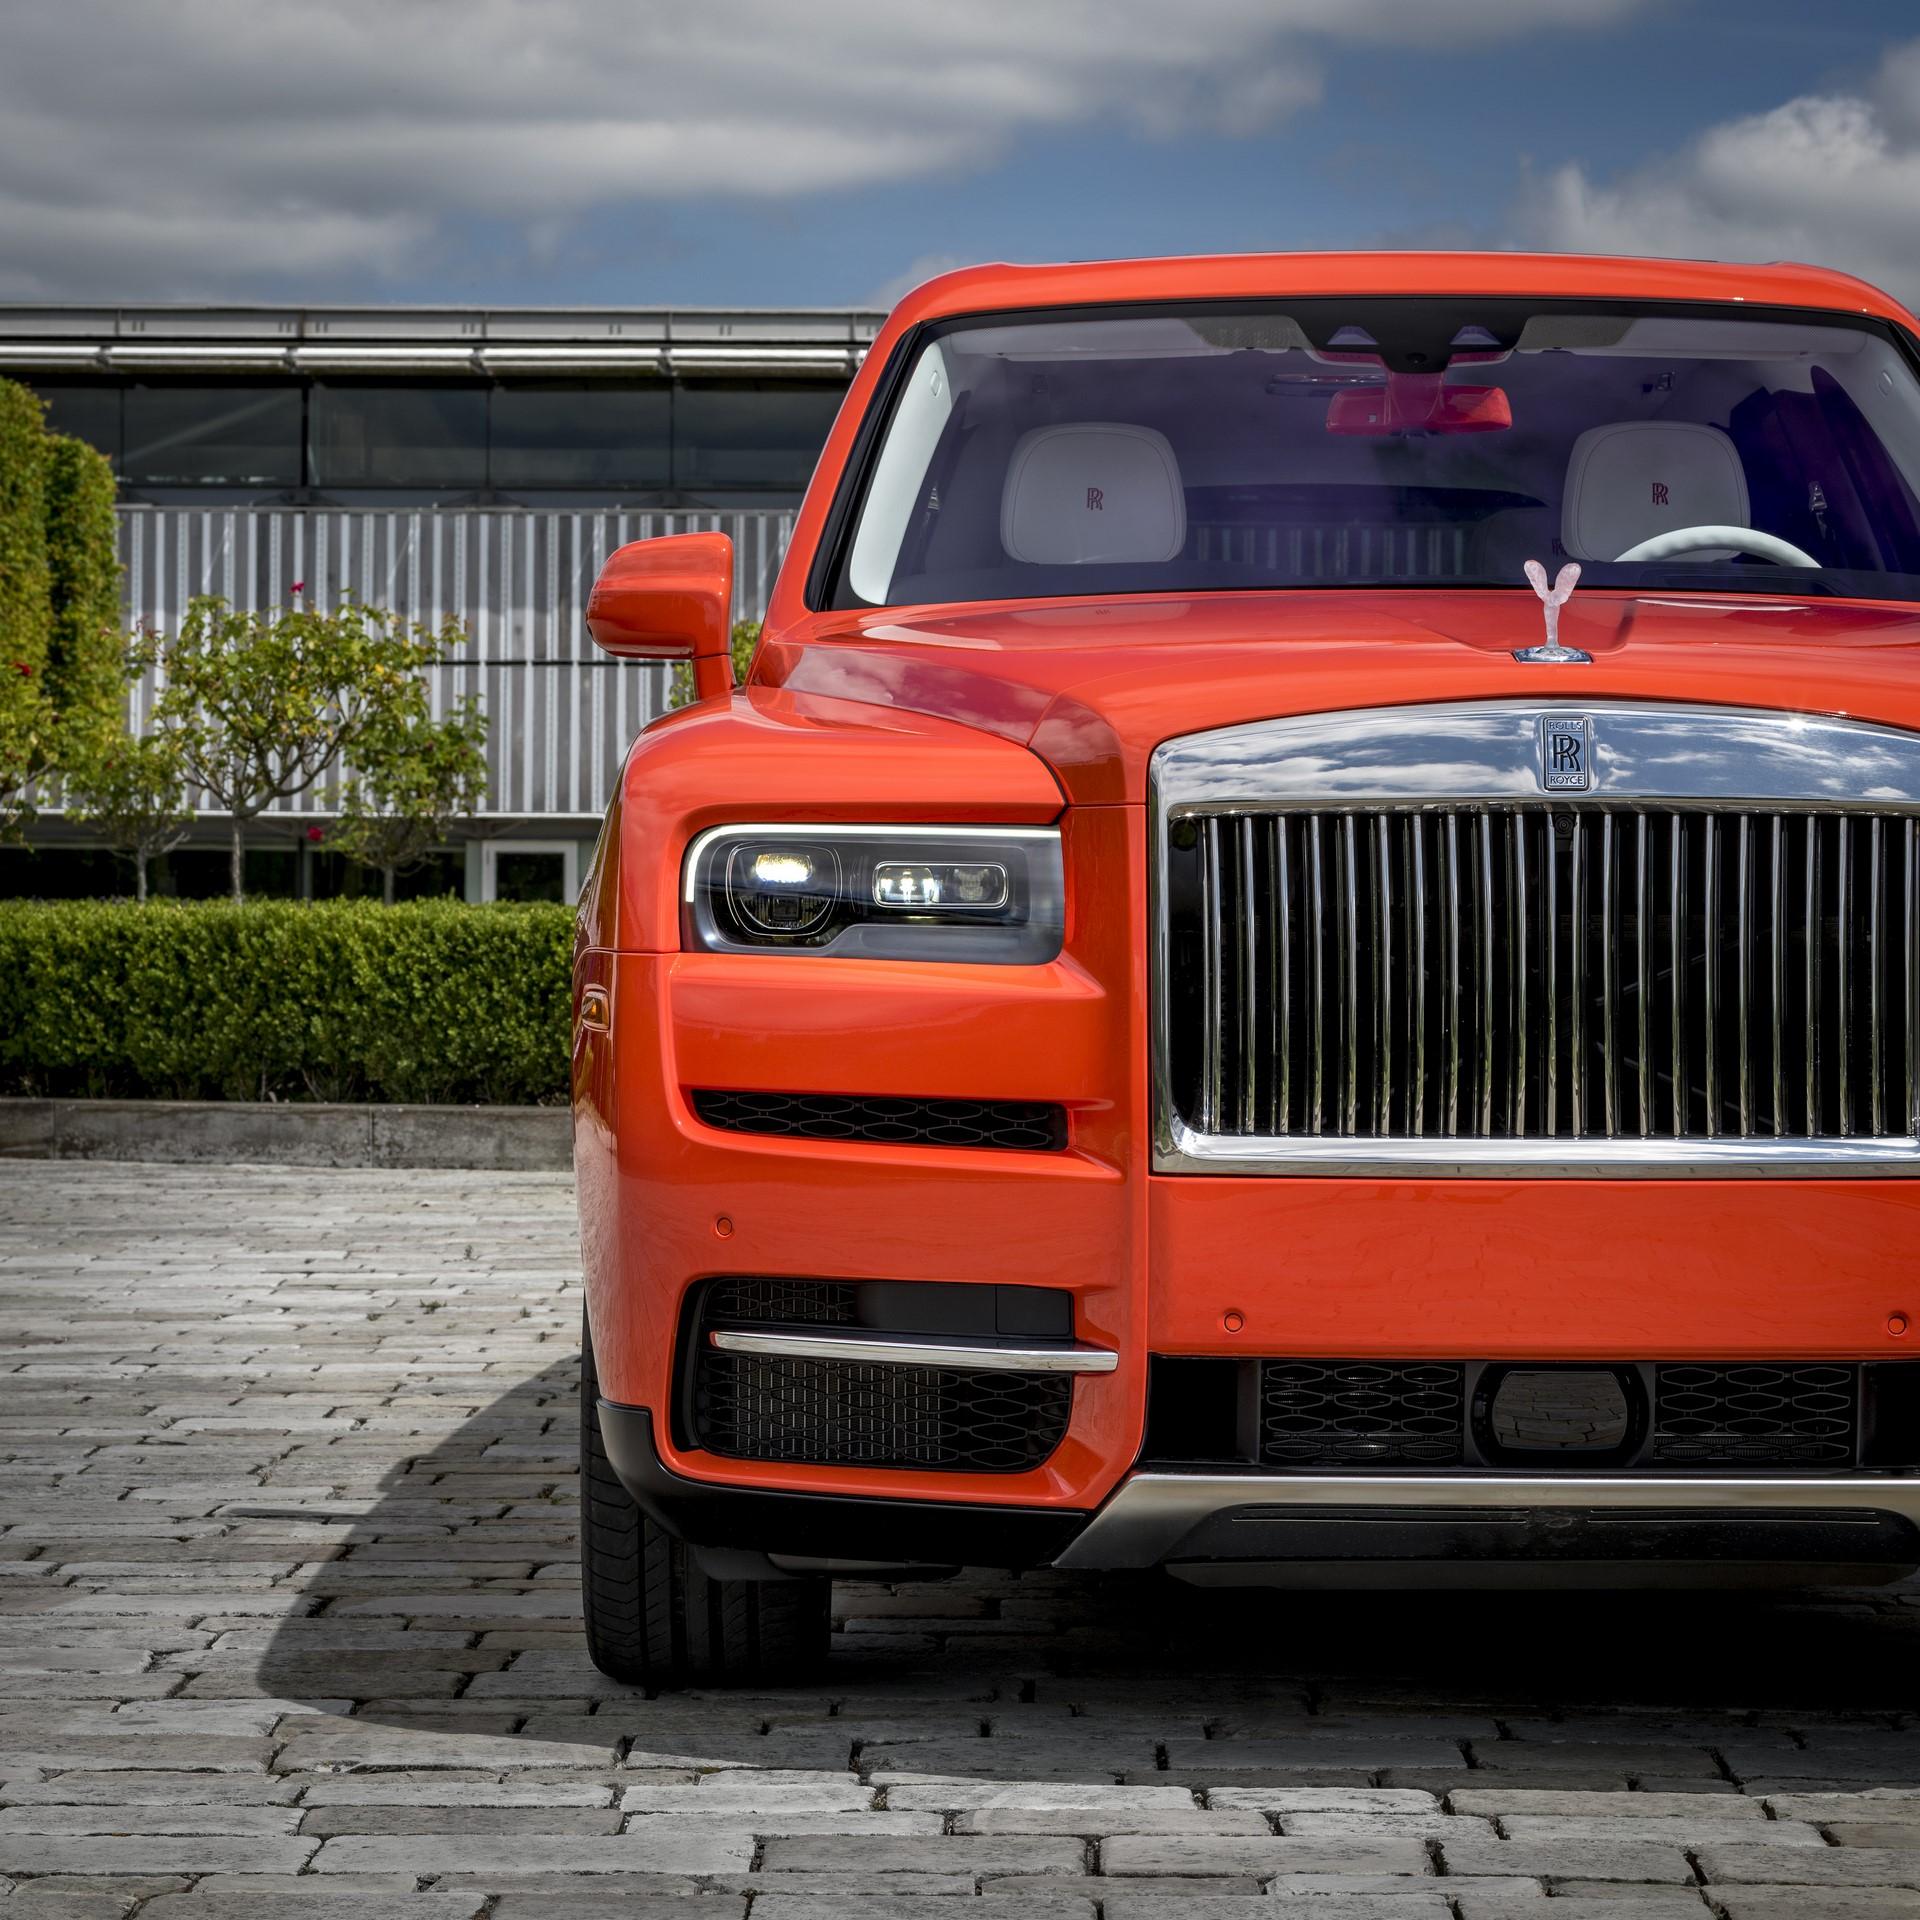 Rolls-Royce-Cullinan-Orange-Fux-2